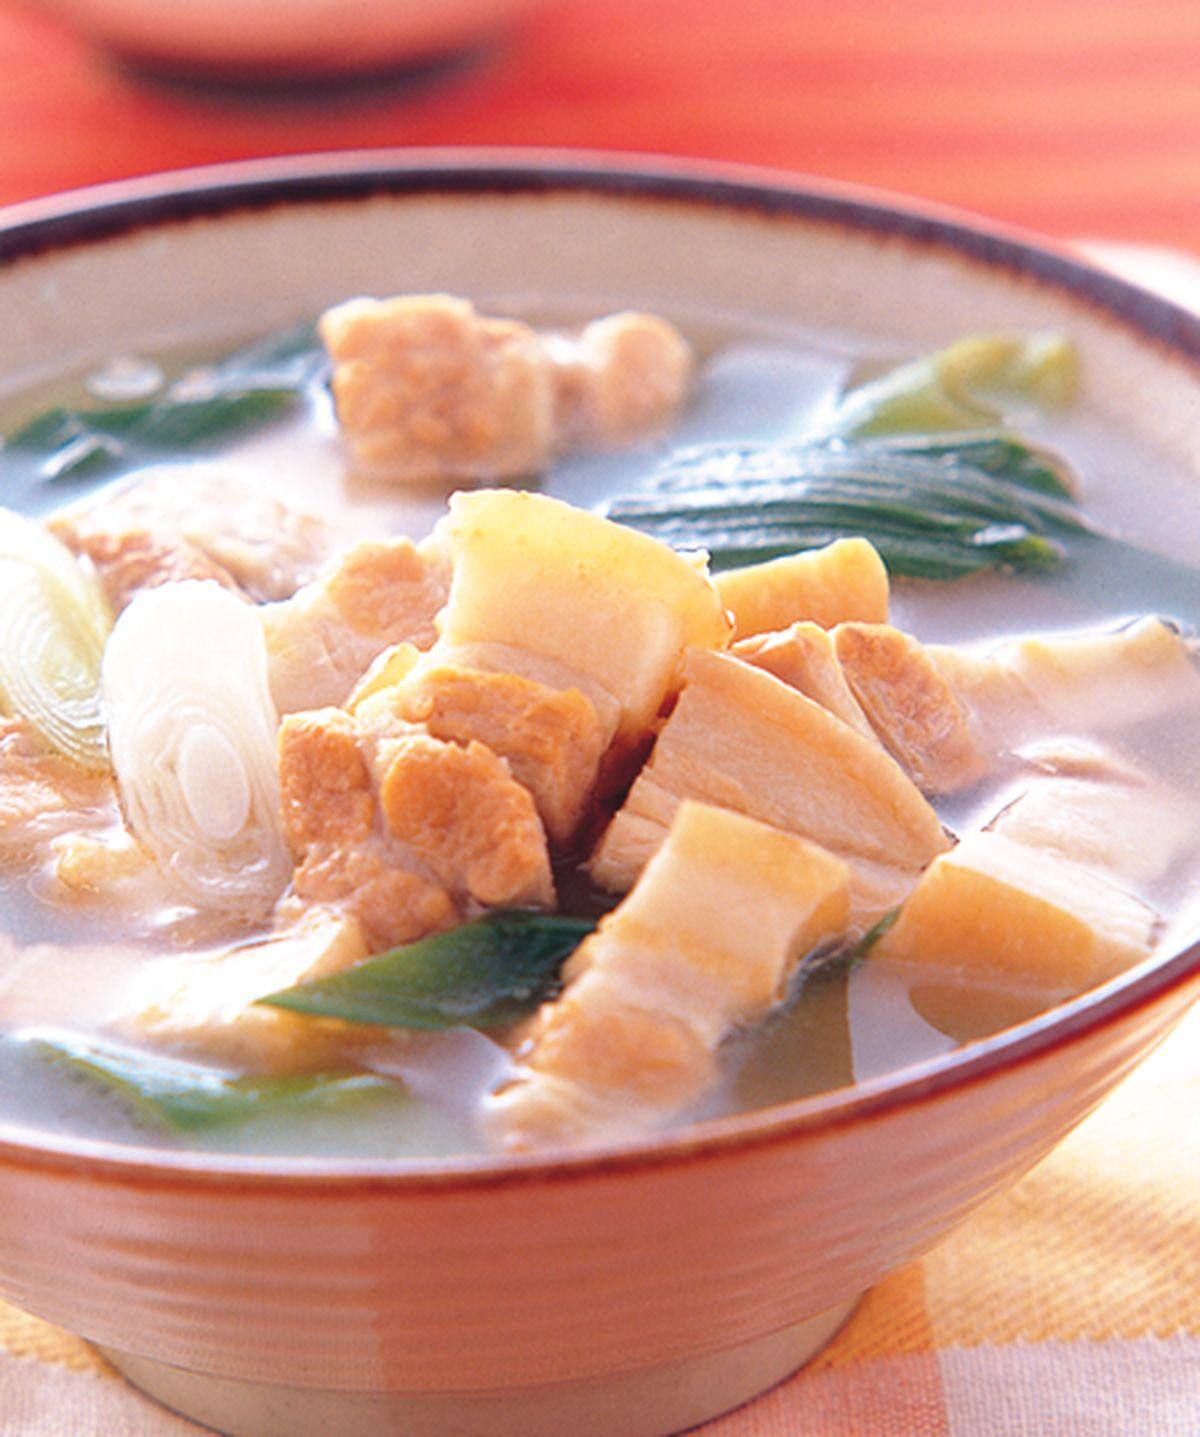 食譜:蒜苗控肉湯